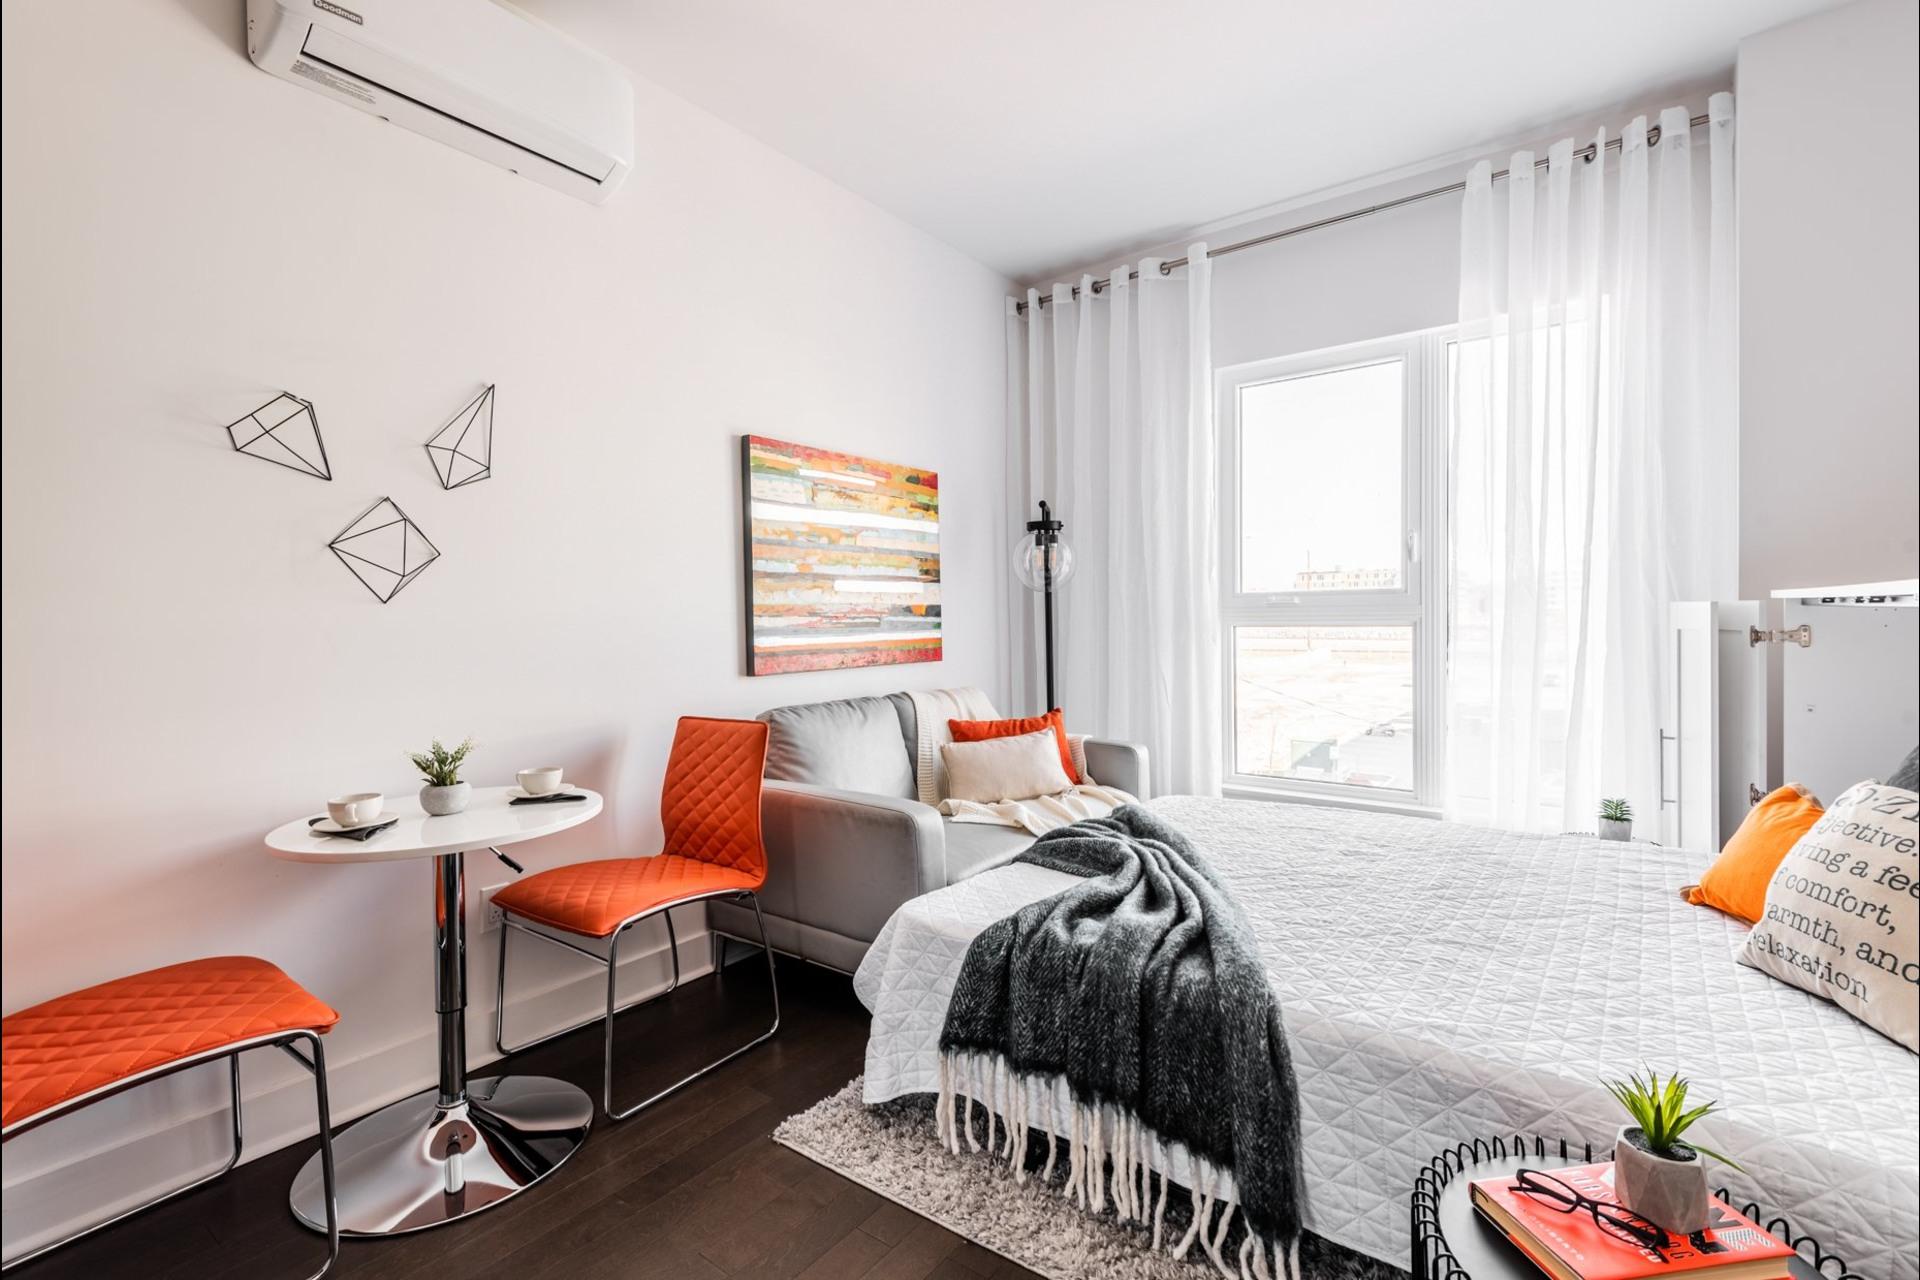 image 11 - Apartment For sale Villeray/Saint-Michel/Parc-Extension Montréal  - 3 rooms